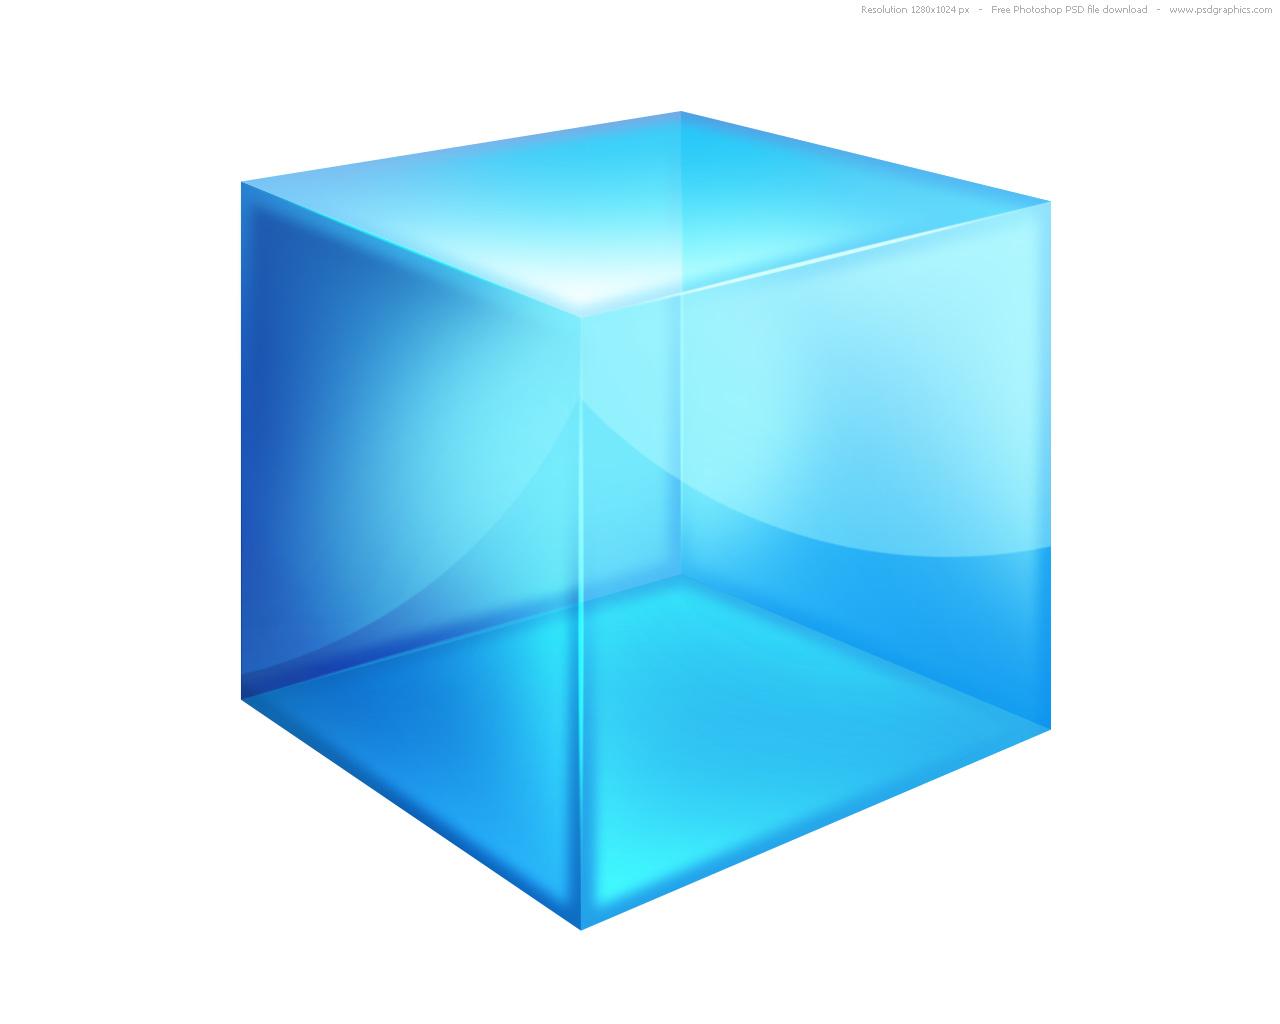 11 3D Cube Desktop Icon PSD Images